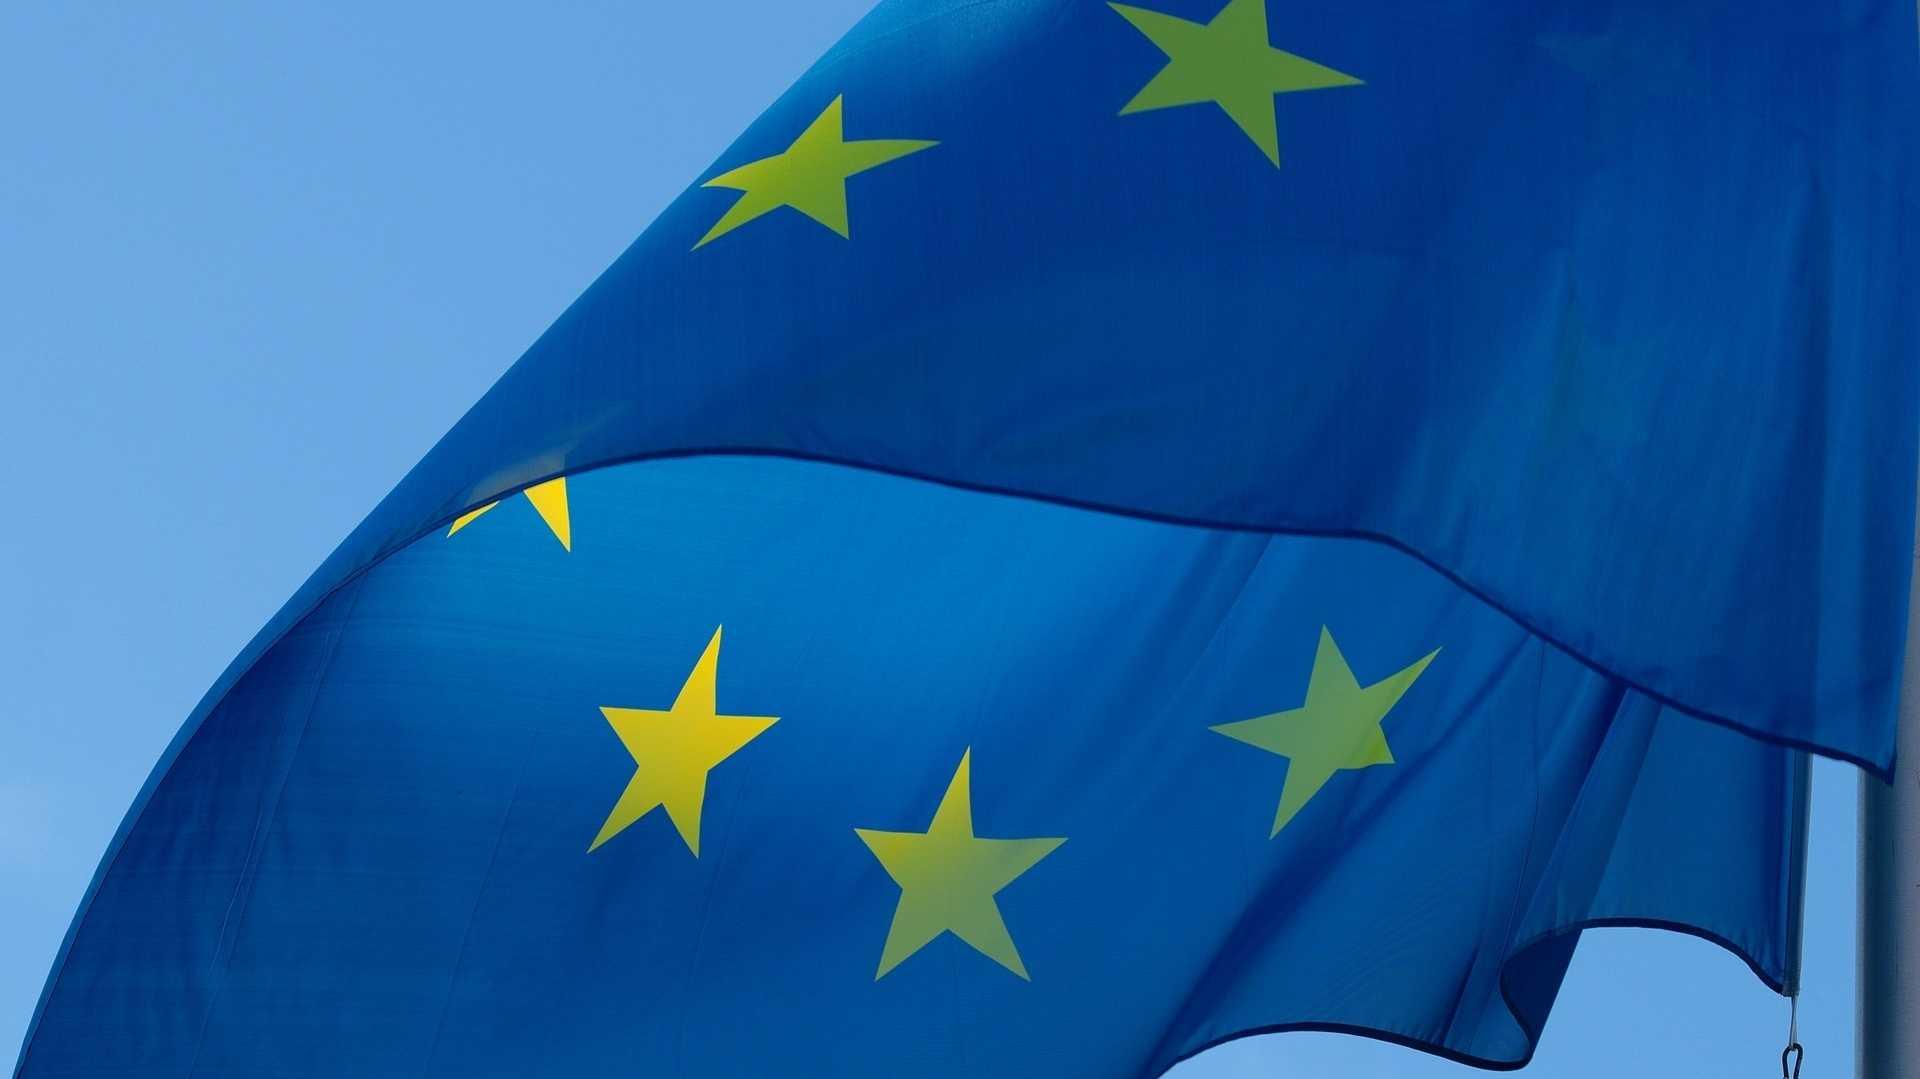 Cyberangriffe: EU-Gipfel will Gegenmaßnahmen ankündigen